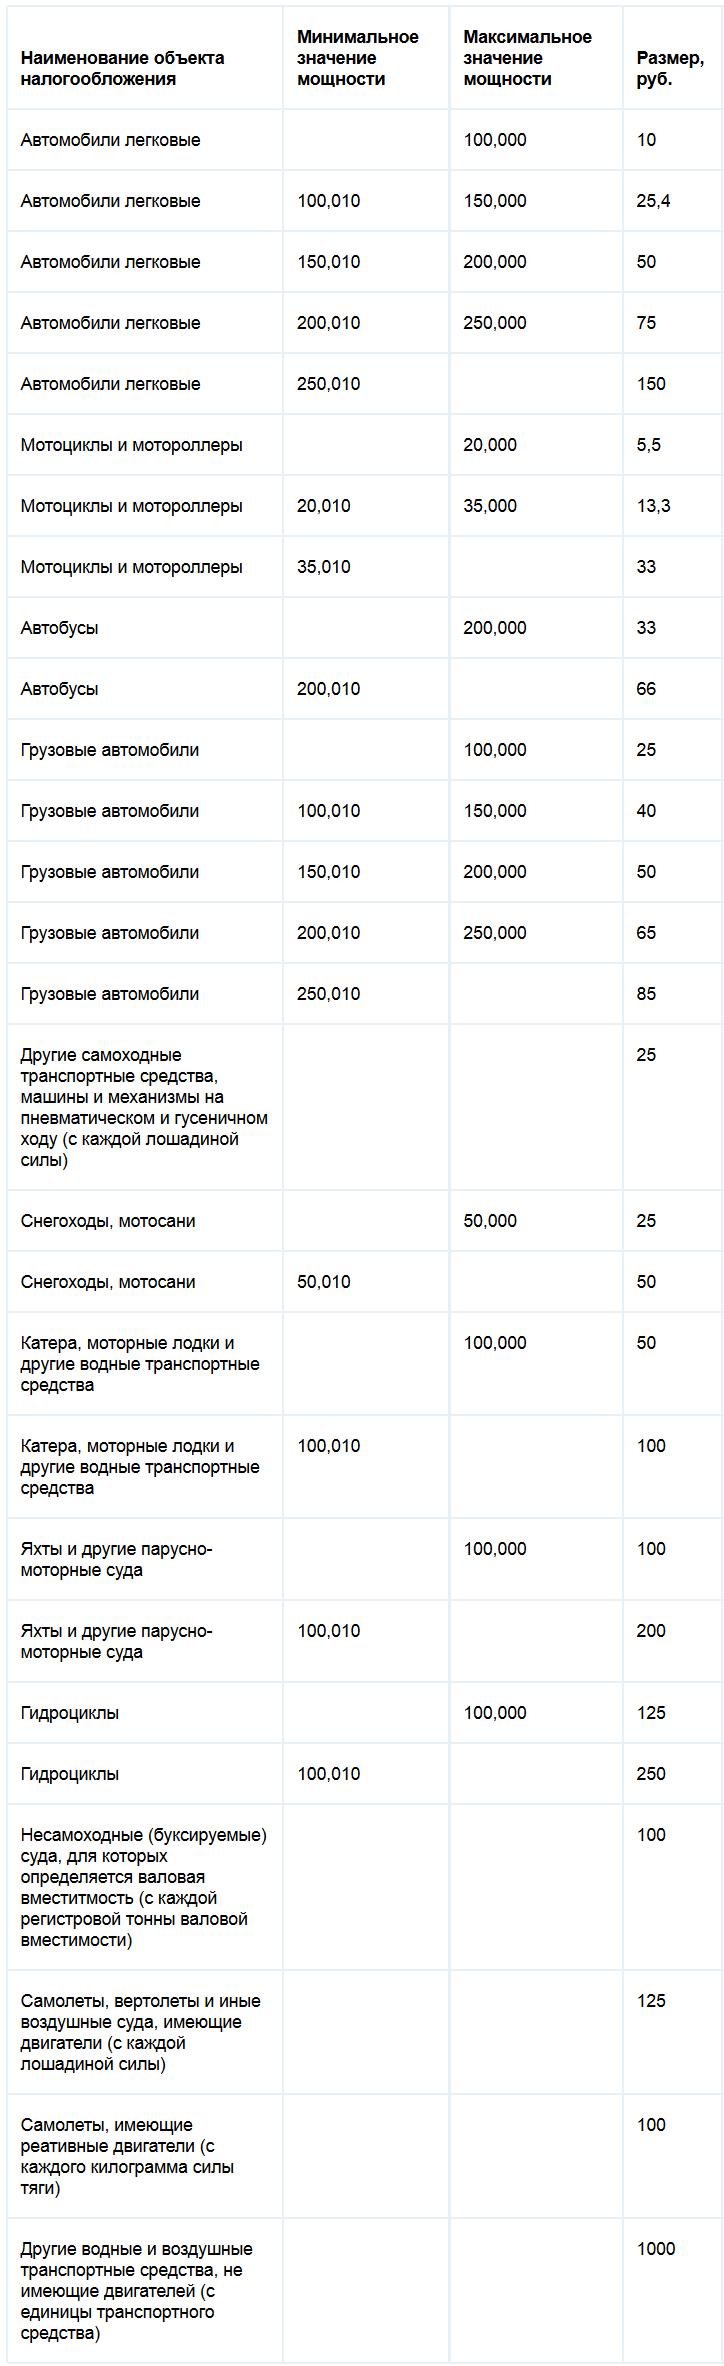 Ставки транспортного налога по тульской области букмекерские конторы.финансовые ставки